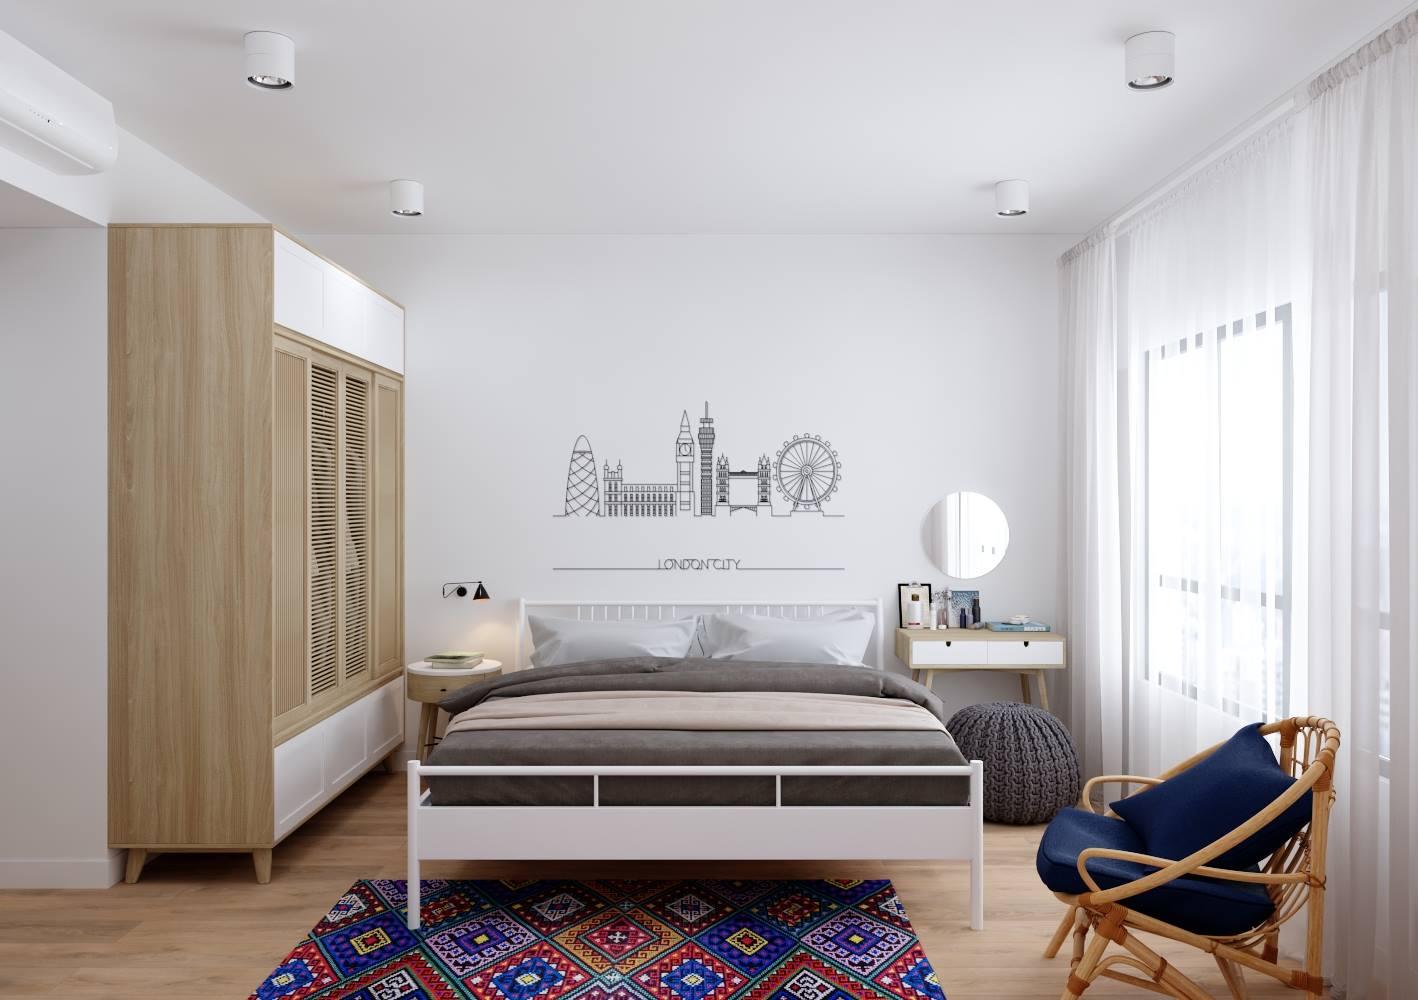 Khám phá thiết kế nội thất phòng ngủ sang trọng dành cho vợ chồng trẻ - gia đình chị Hải